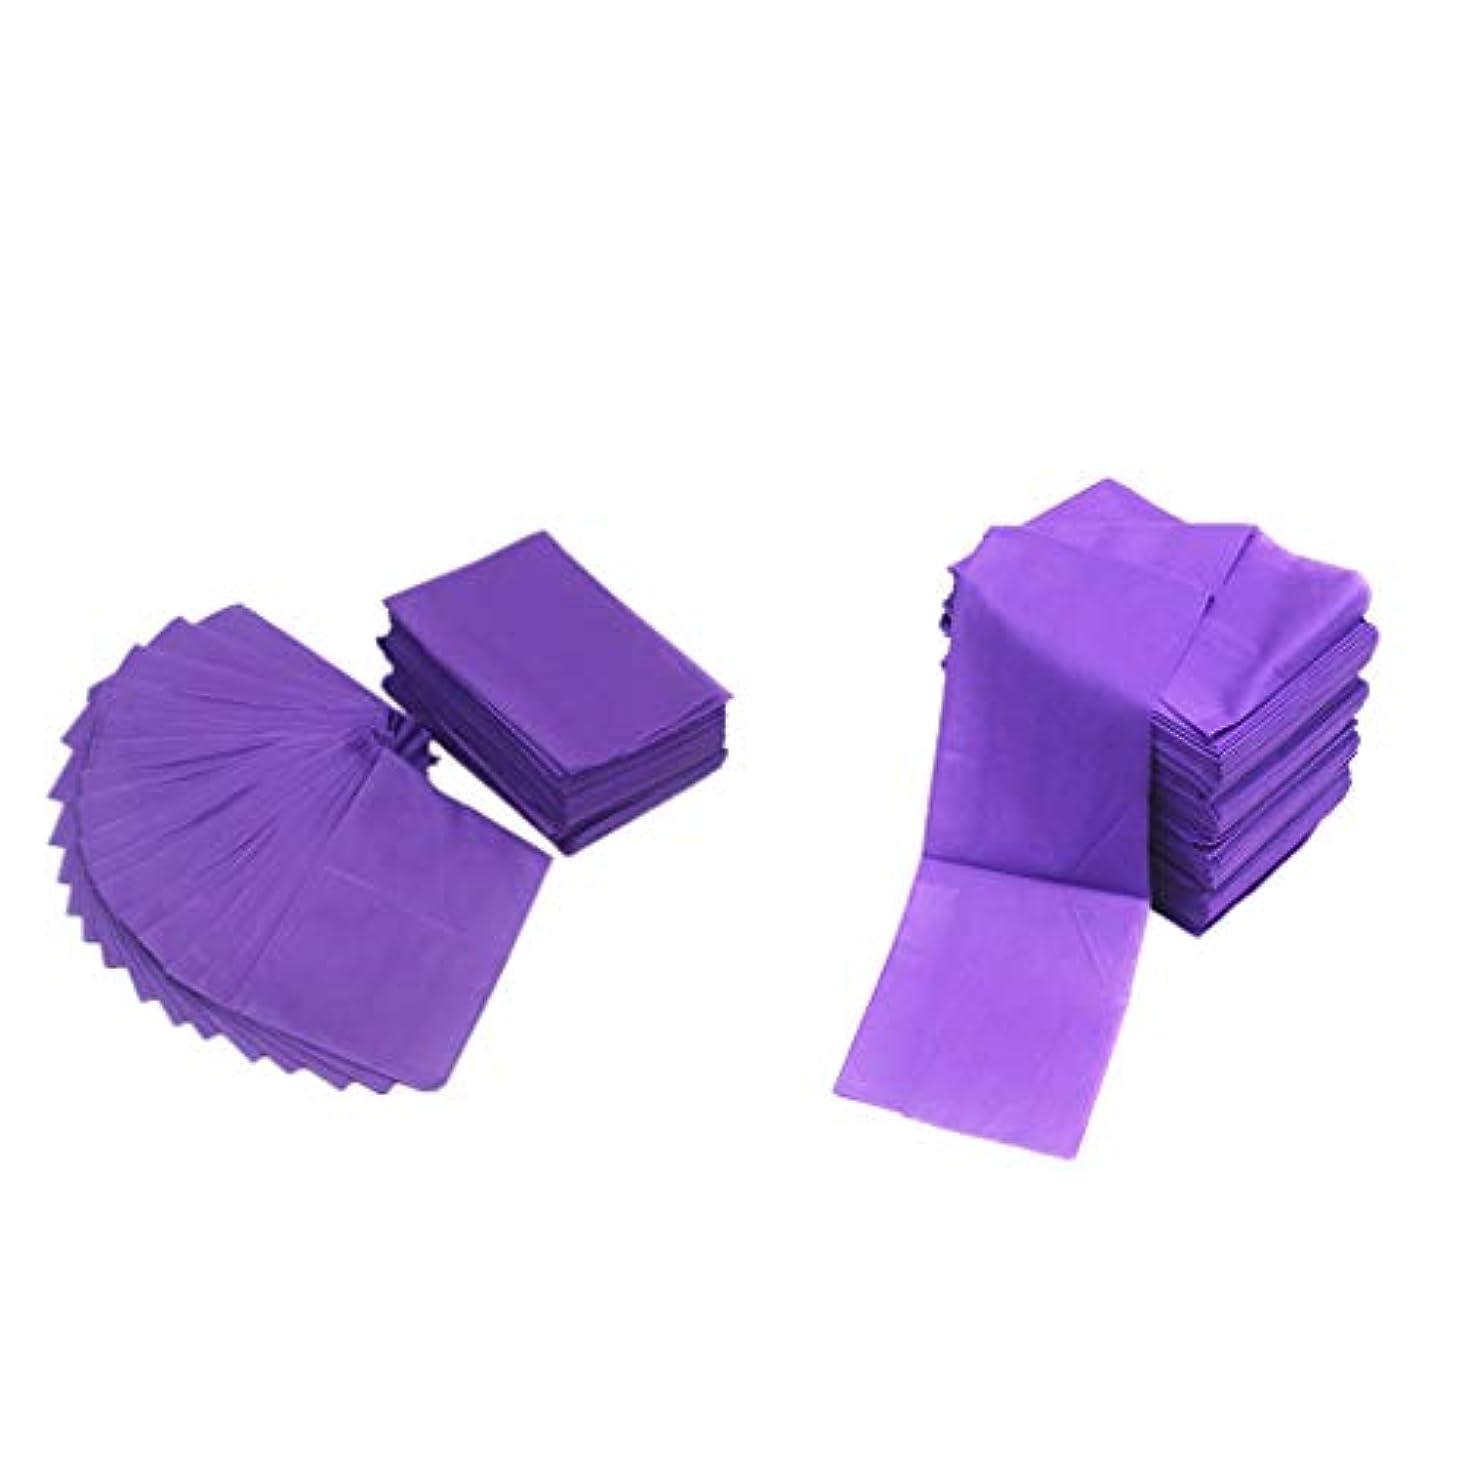 P Prettyia ベッドカバー マッサージ ベットシート ベットシーツ フィット感 防水性 耐久性 20ピースセット